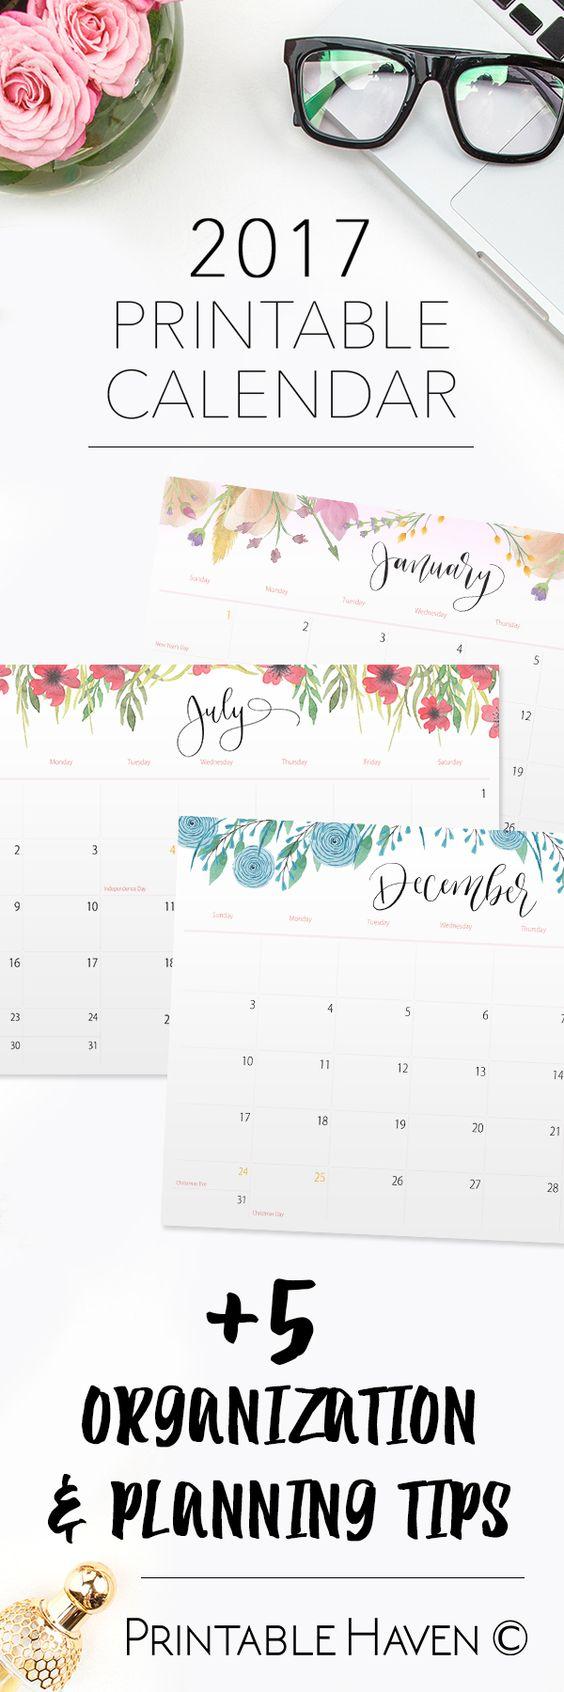 Calendar Planner Ideas : Printable wall desktop or binder calendars follow